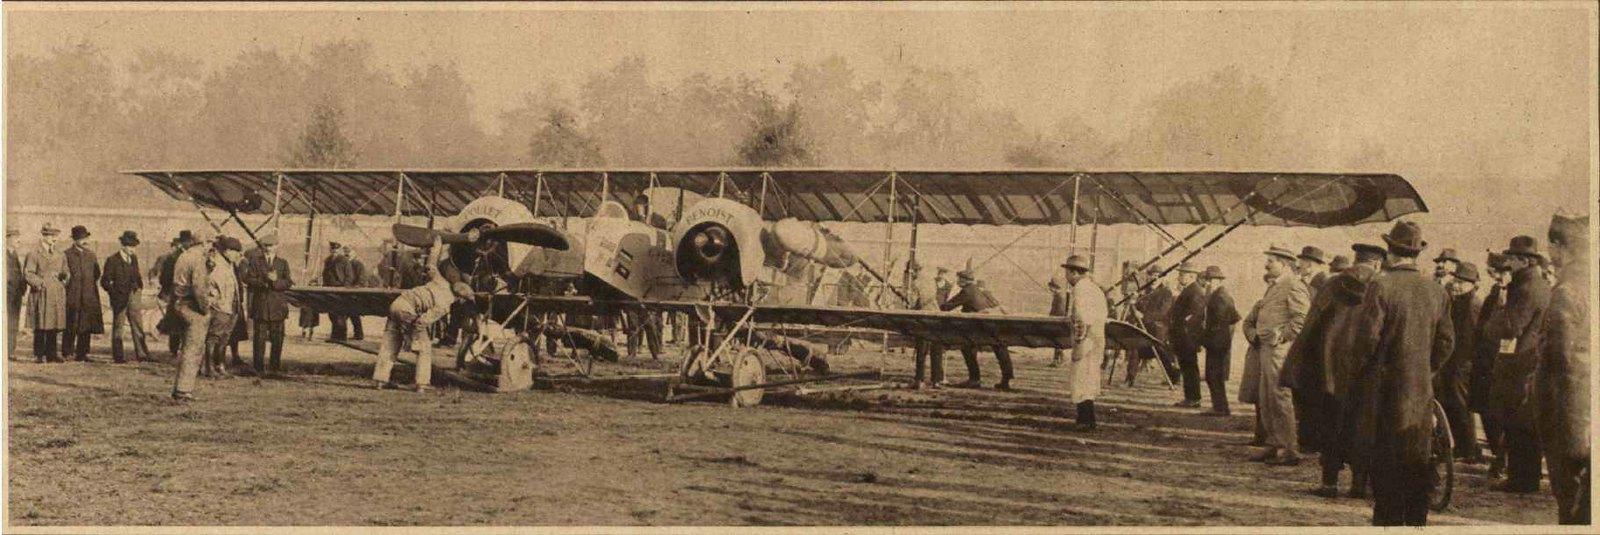 Caudron G-4 1/48 , Etienne Poulet et Jean Benoist, Paris-Melbourne 1919. Decals Meliusmanu 47528786441_cdf72be27f_h